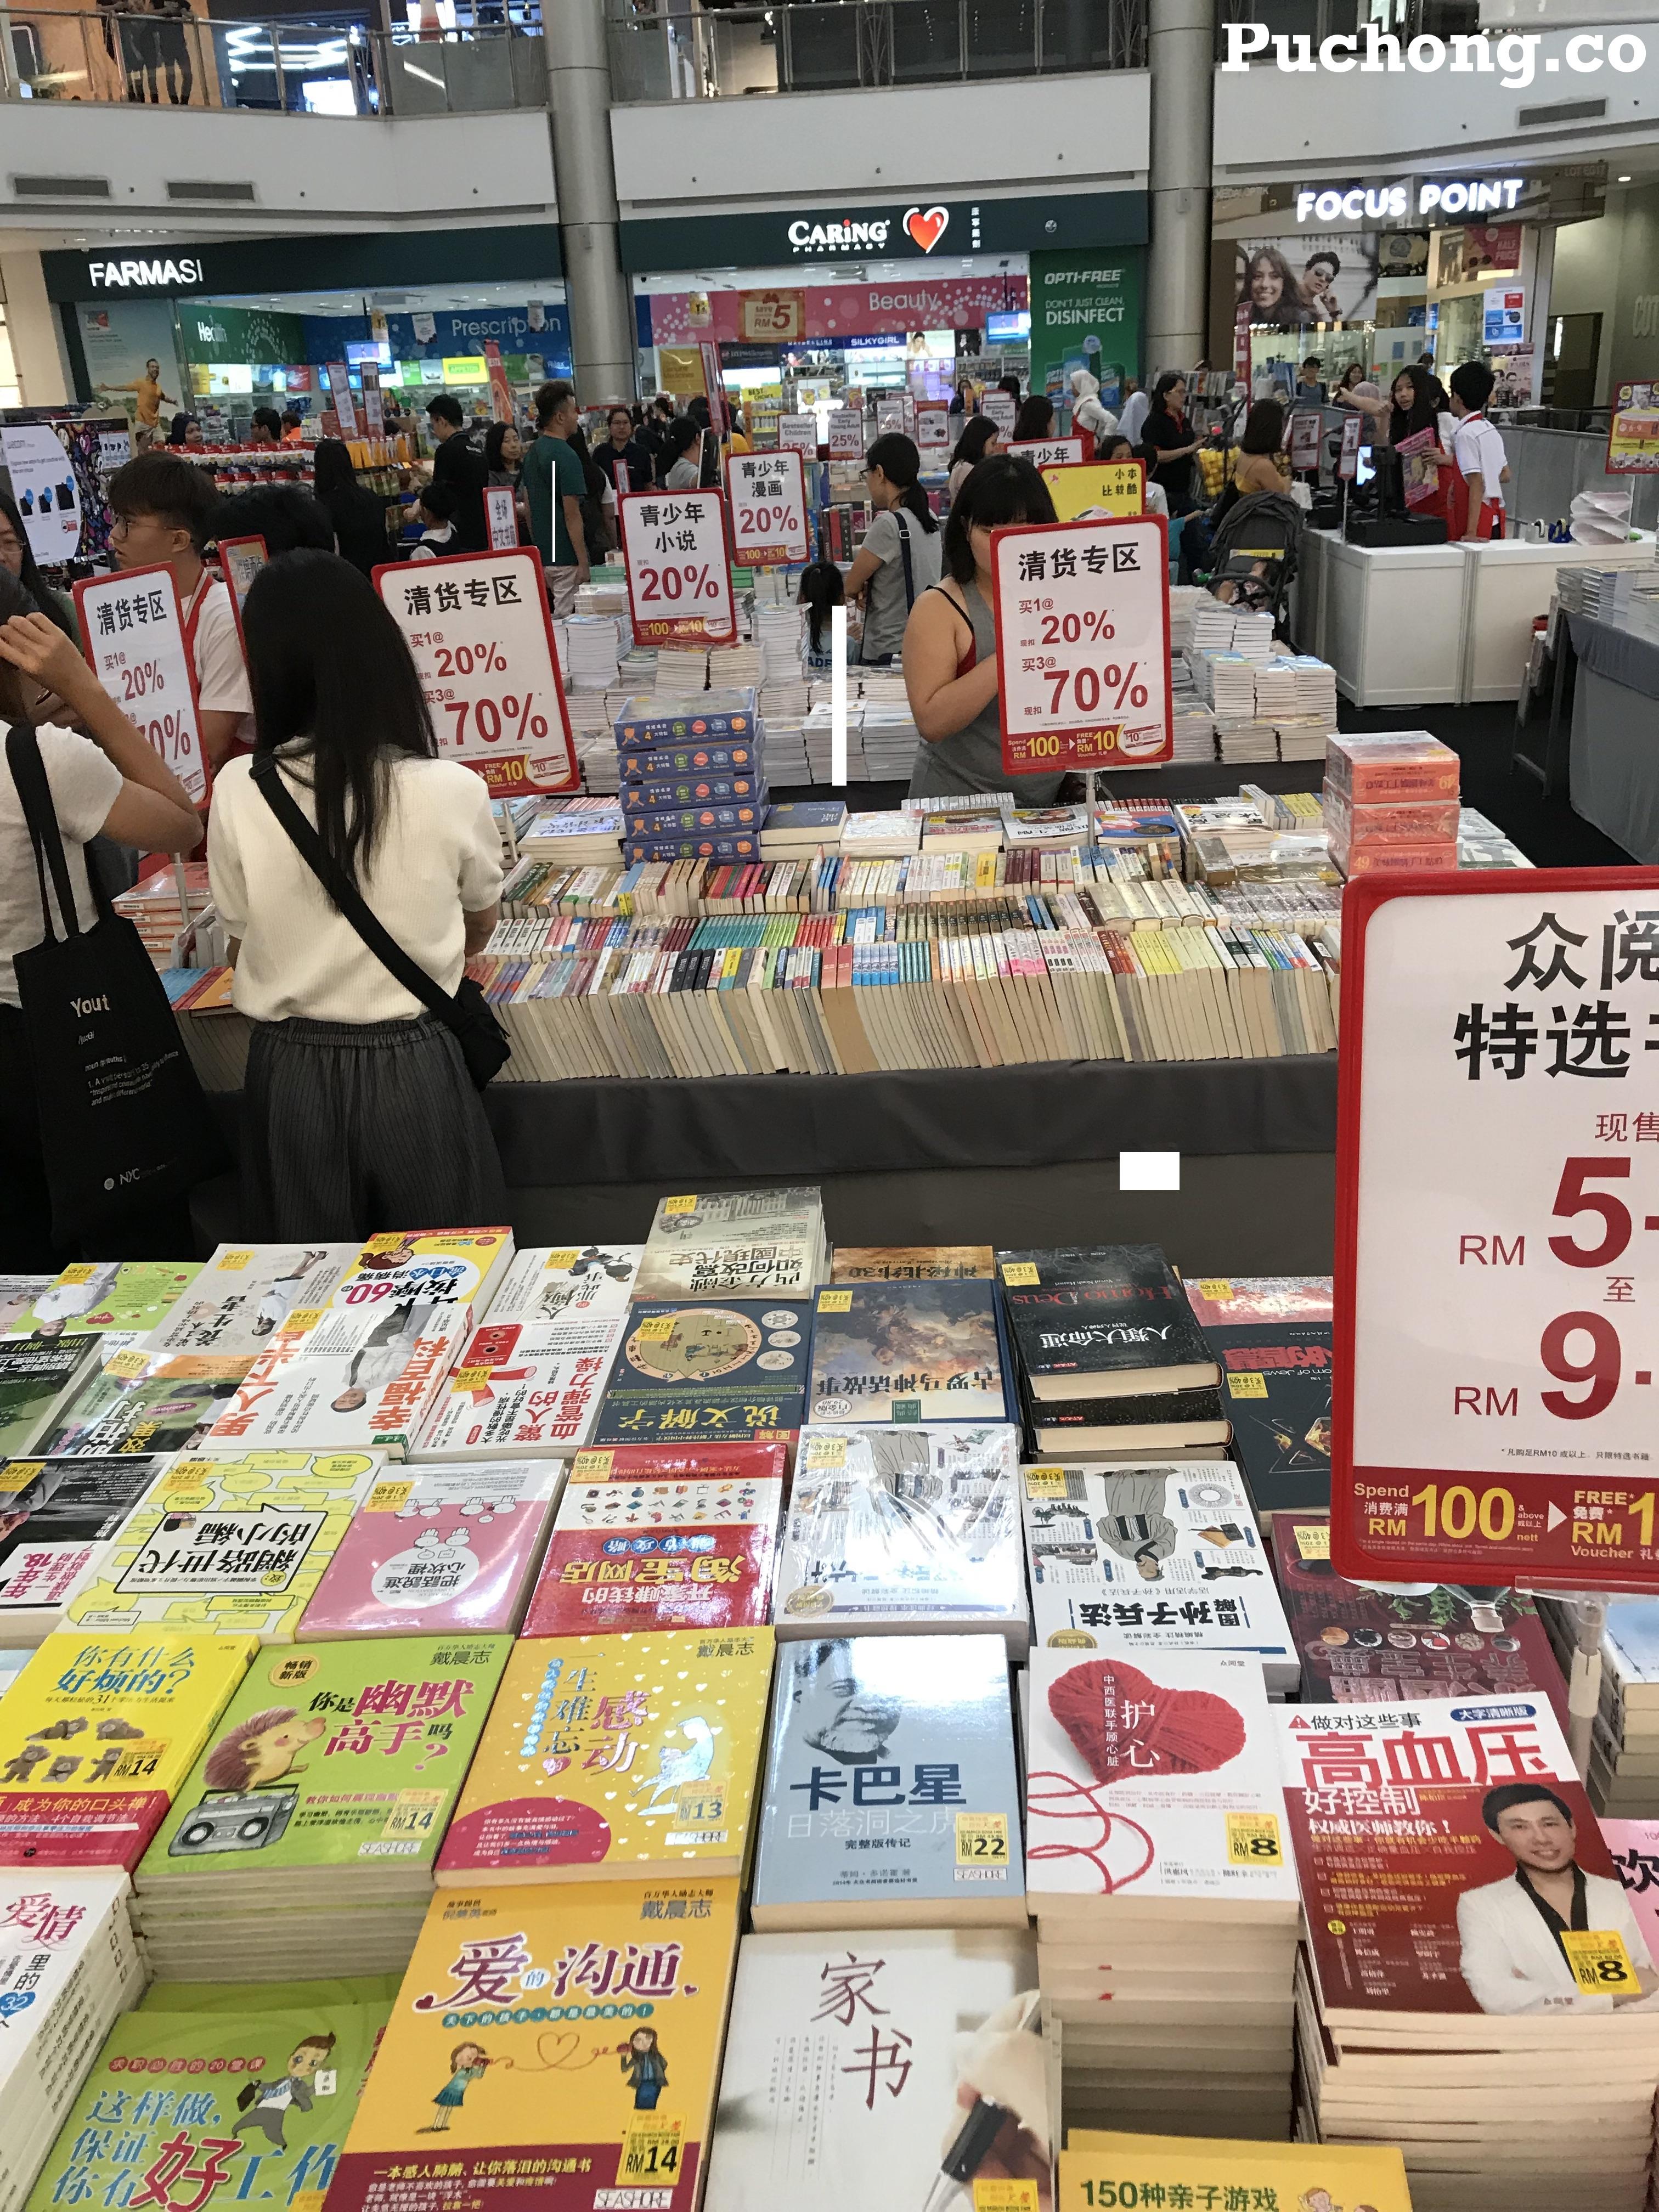 popular_book_fair_ioi_mall_puchong_mac_2019_2